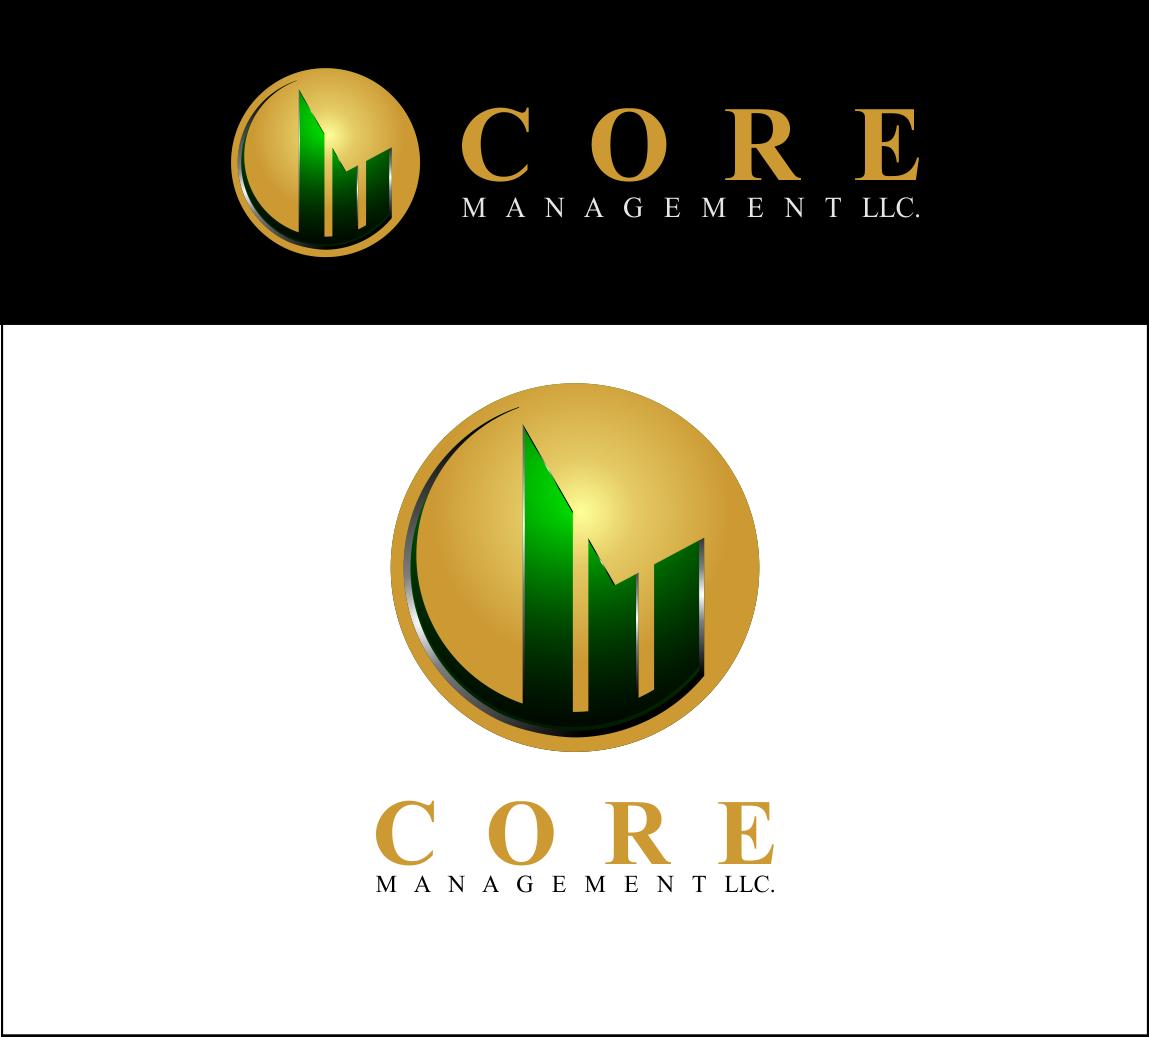 Logo Design by Agus Martoyo - Entry No. 160 in the Logo Design Contest Creative Logo Design for CORE Management, LLC.